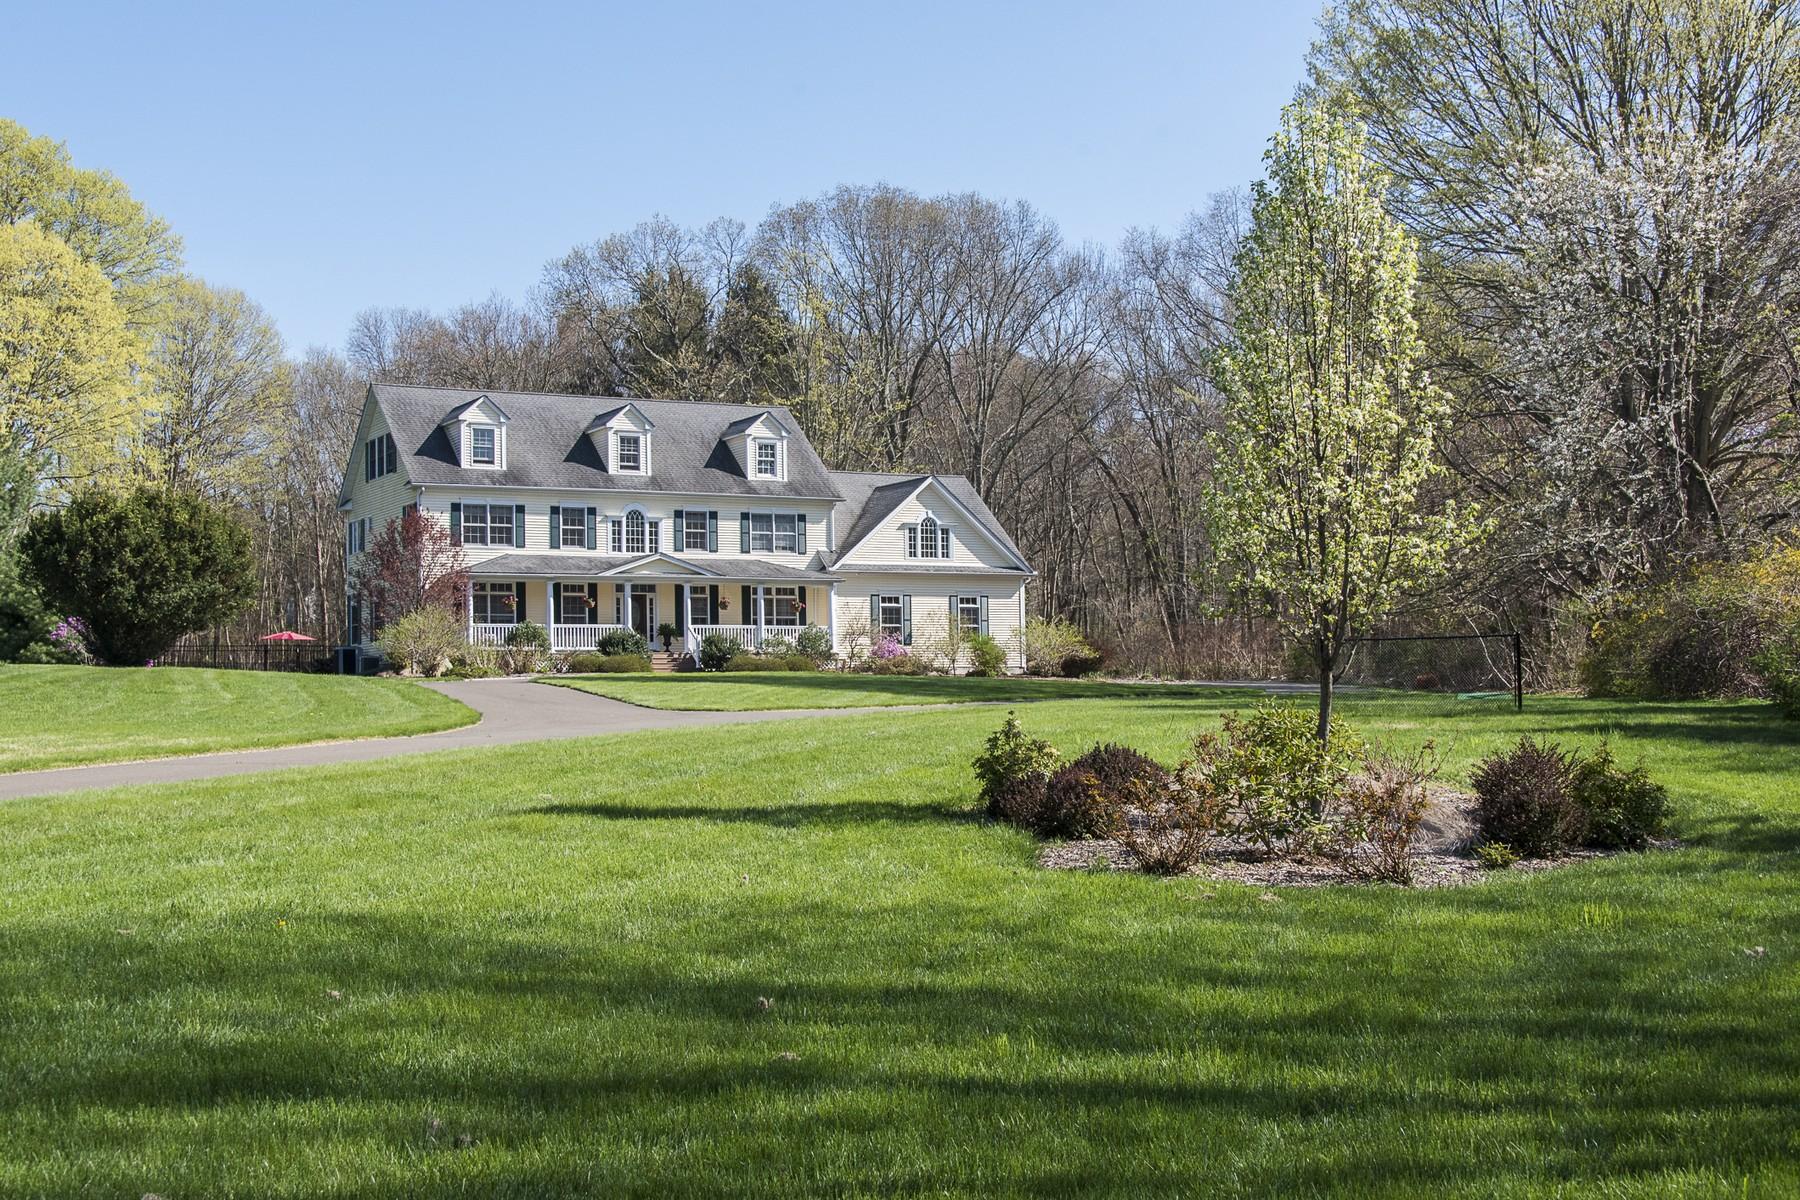 Villa per Vendita alle ore Stunning Georgian Colonial Close to Town Center 96 Scotland Road, Madison, Connecticut, 06443 Stati Uniti